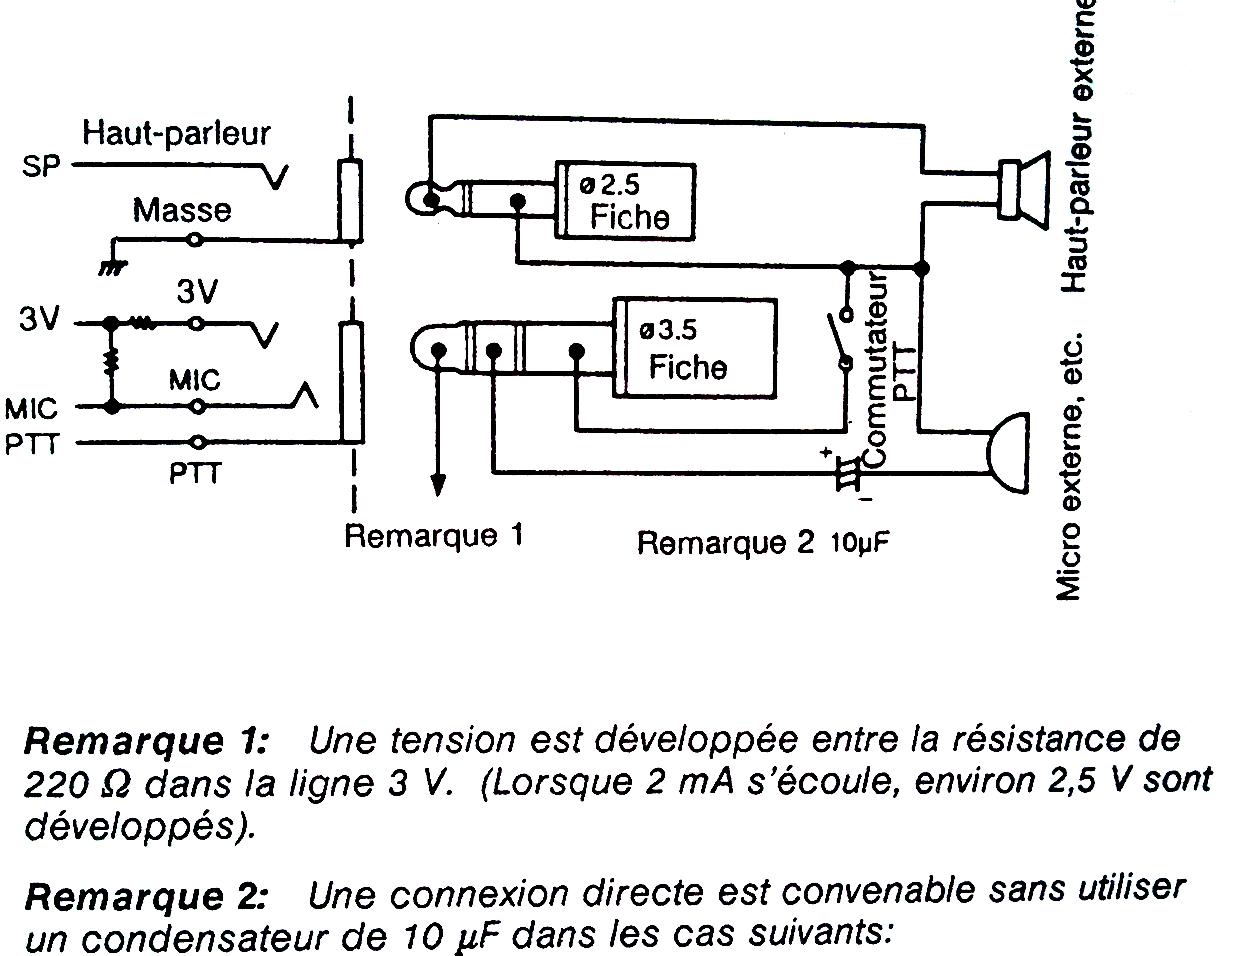 kenwood radio mic wiring diagram ge 8065  kenwood microphone wiring diagram kenwood circuit  kenwood microphone wiring diagram